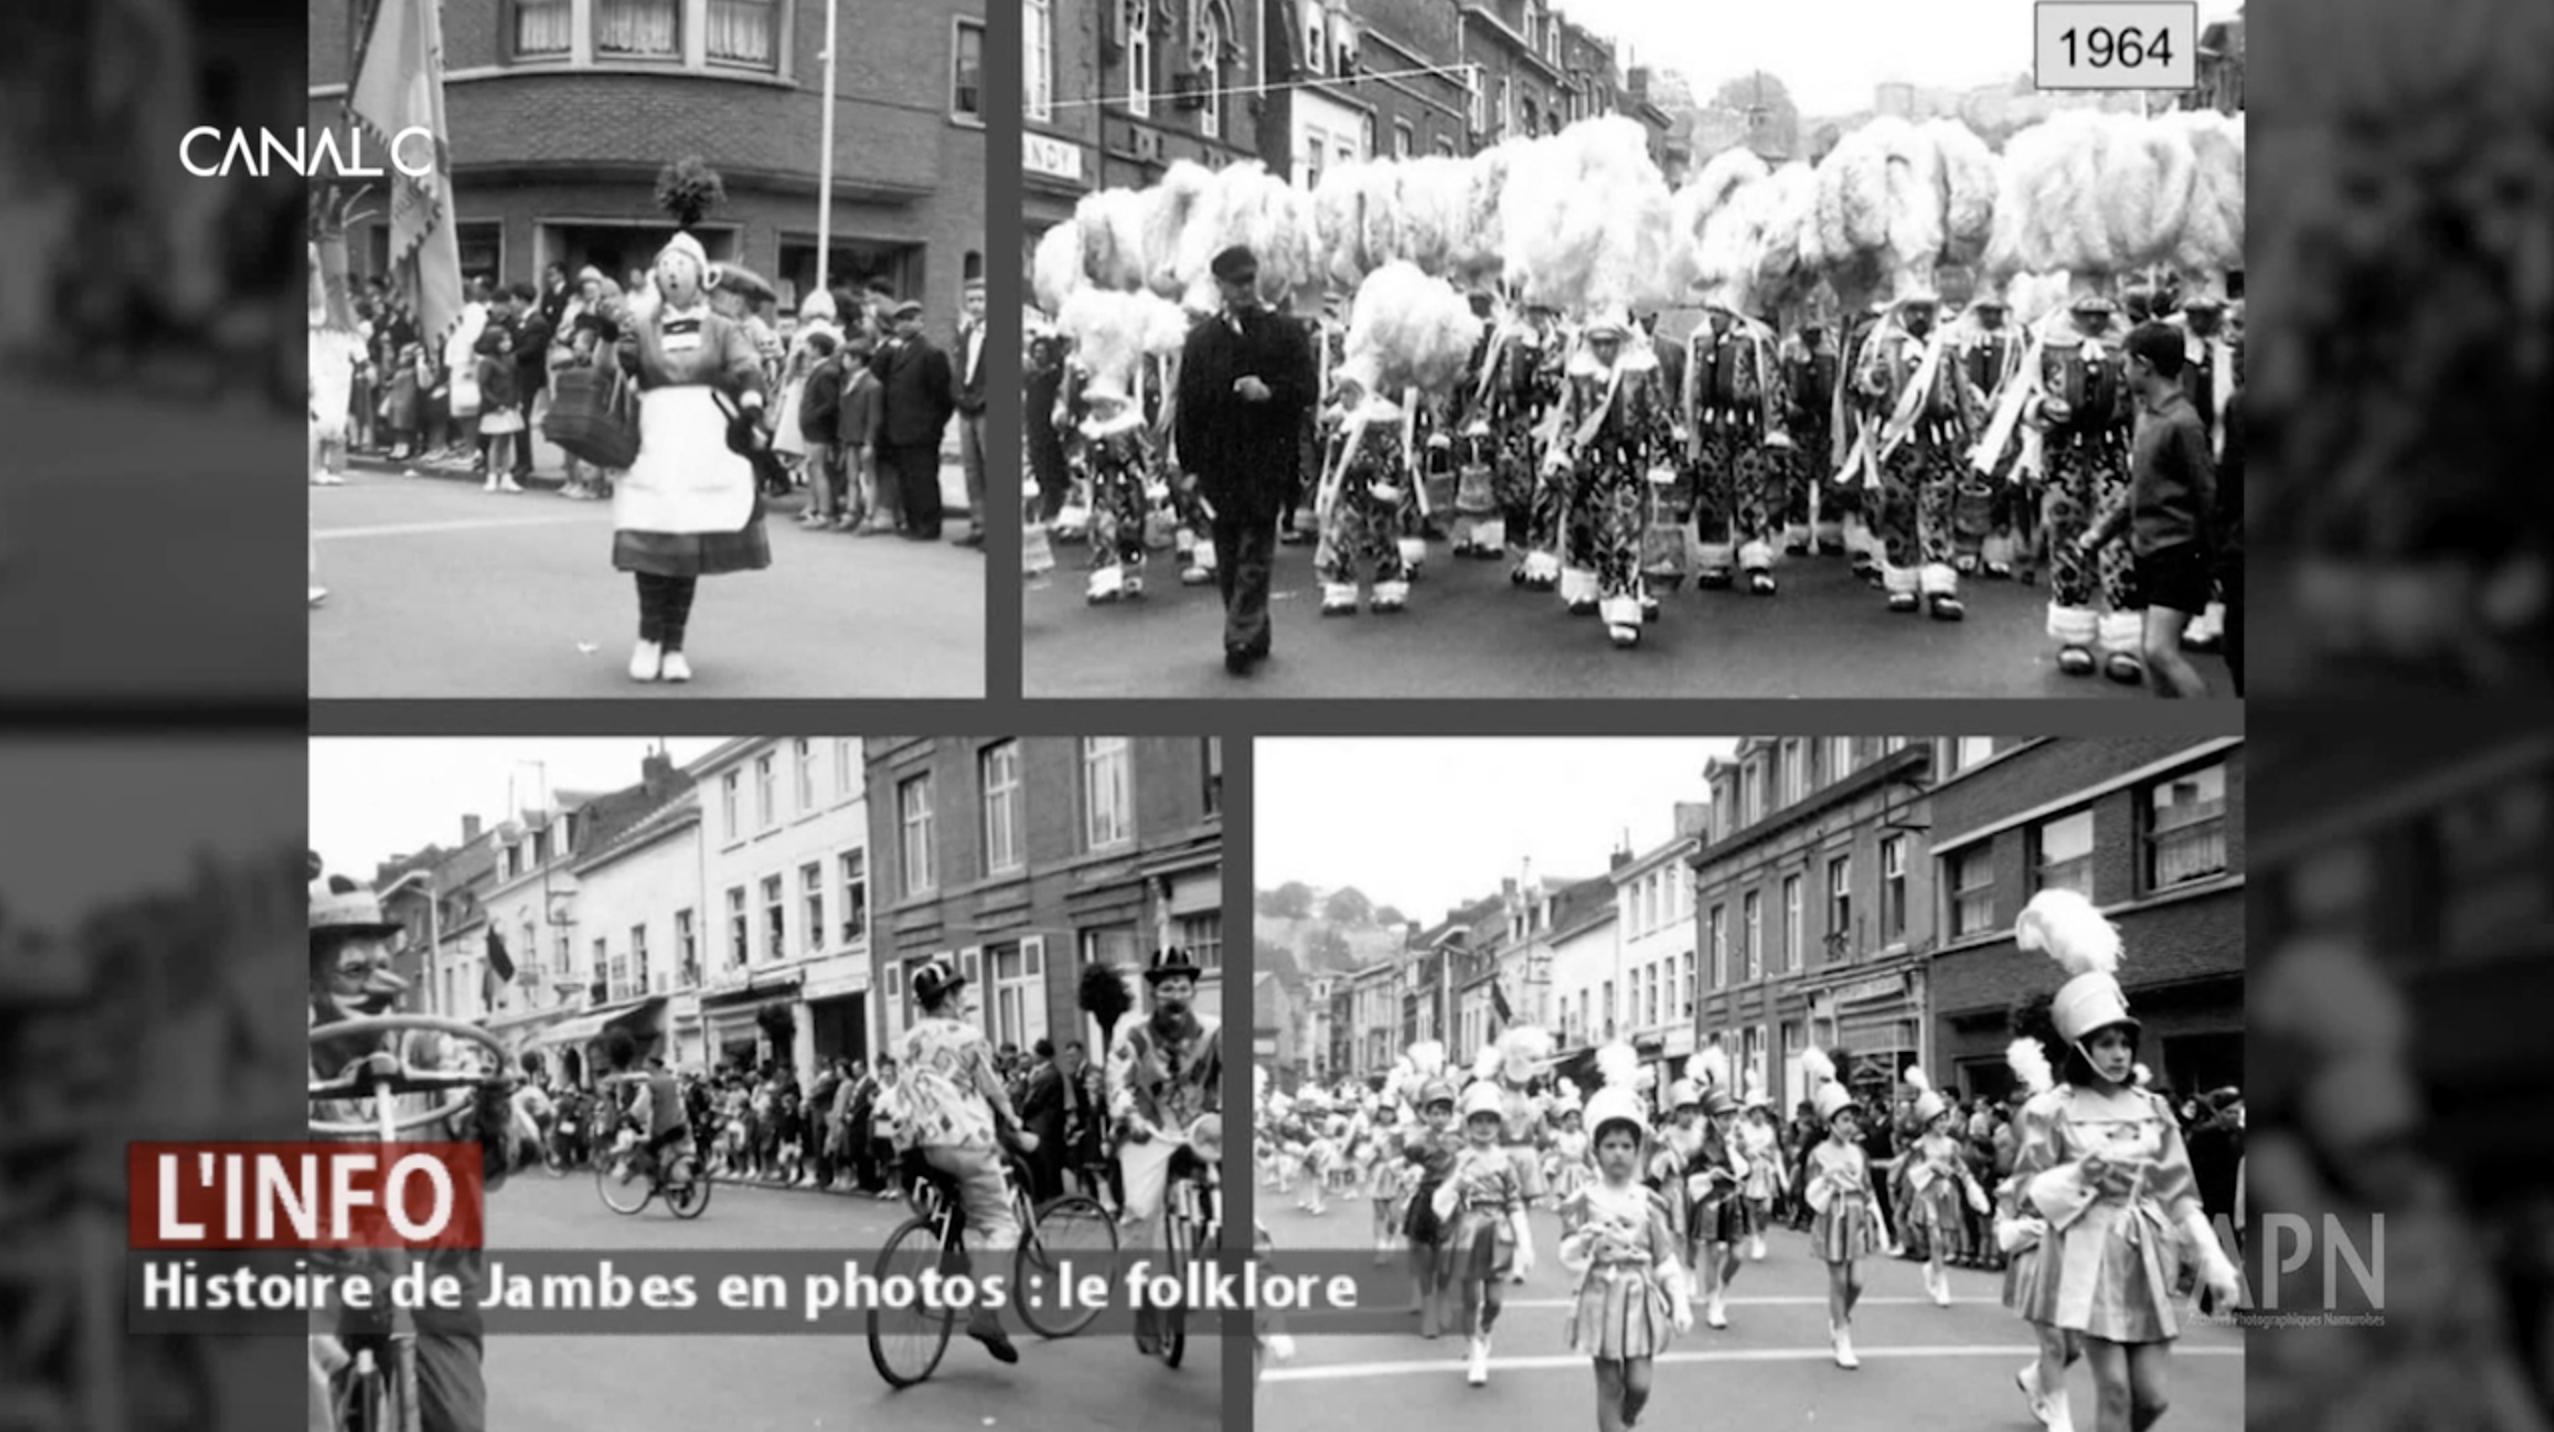 Archives Photographiques : Jambes en fête